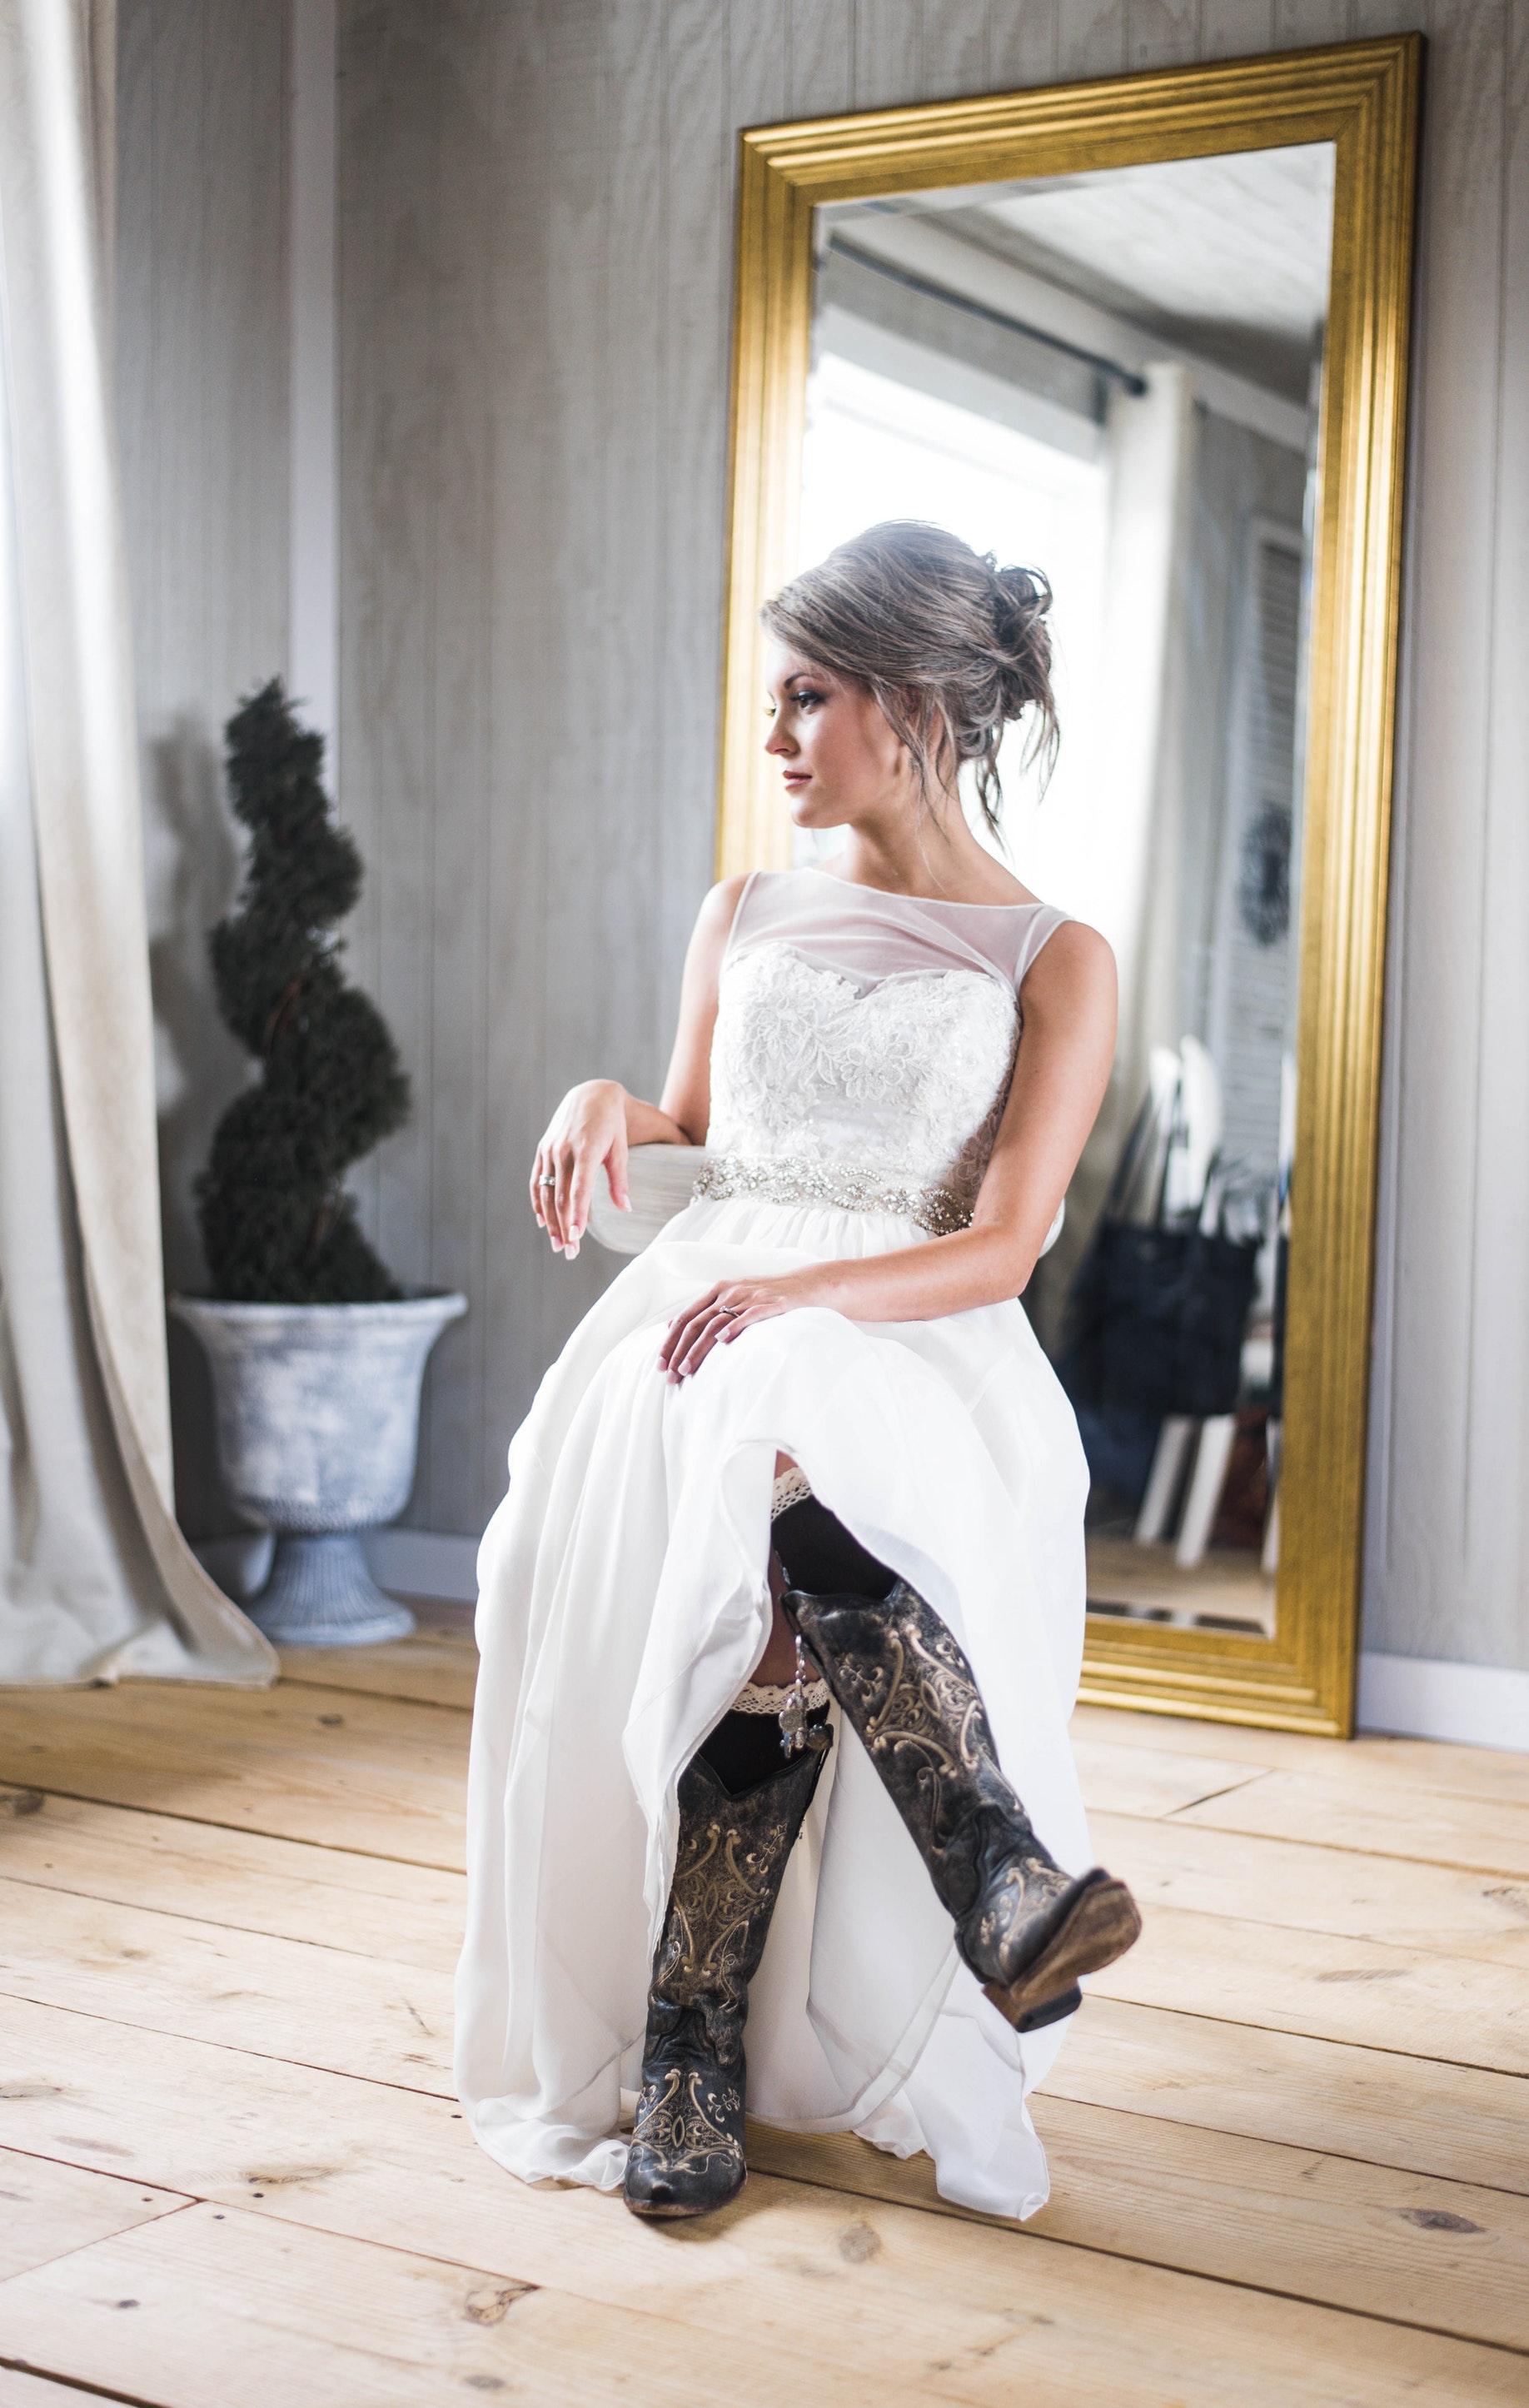 Kobieta - modelka w sukni i kozakach